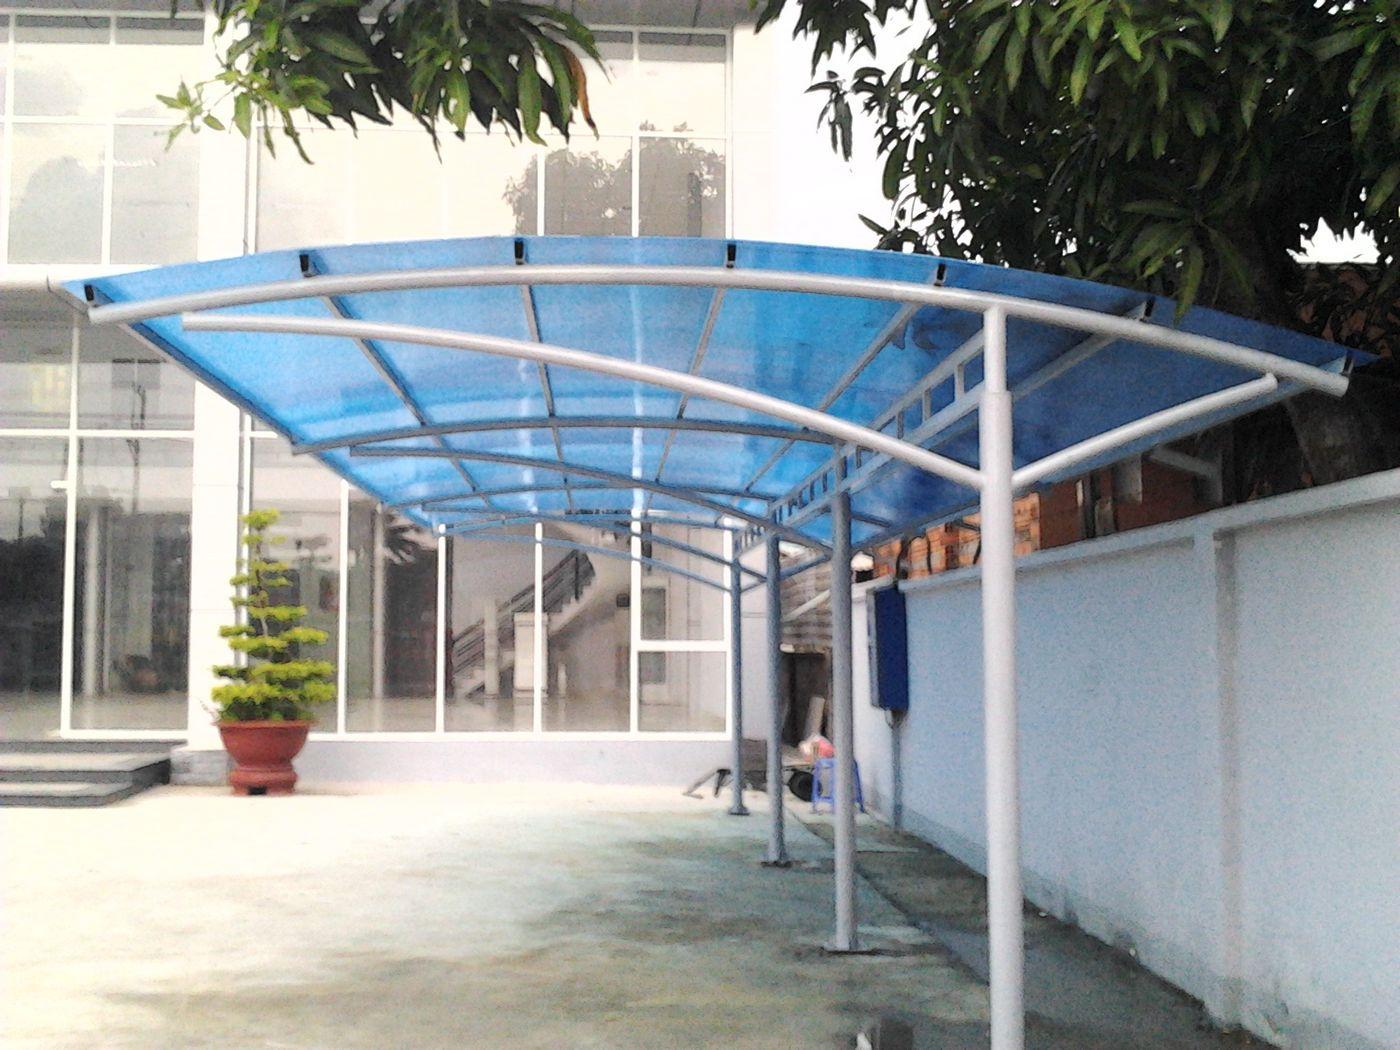 Phê duyệt điều chỉnh Báo cáo kinh tế kỹ thuật công trình Liên hiệp các tổ chức hữu nghị tỉnh Đắk Lắk hạng mục: Cải tạo, nâng cấp khối nhà 02 tầng, nhà làm việc số 01, nhà vệ sinh, nhà xe, cổng và tường rào